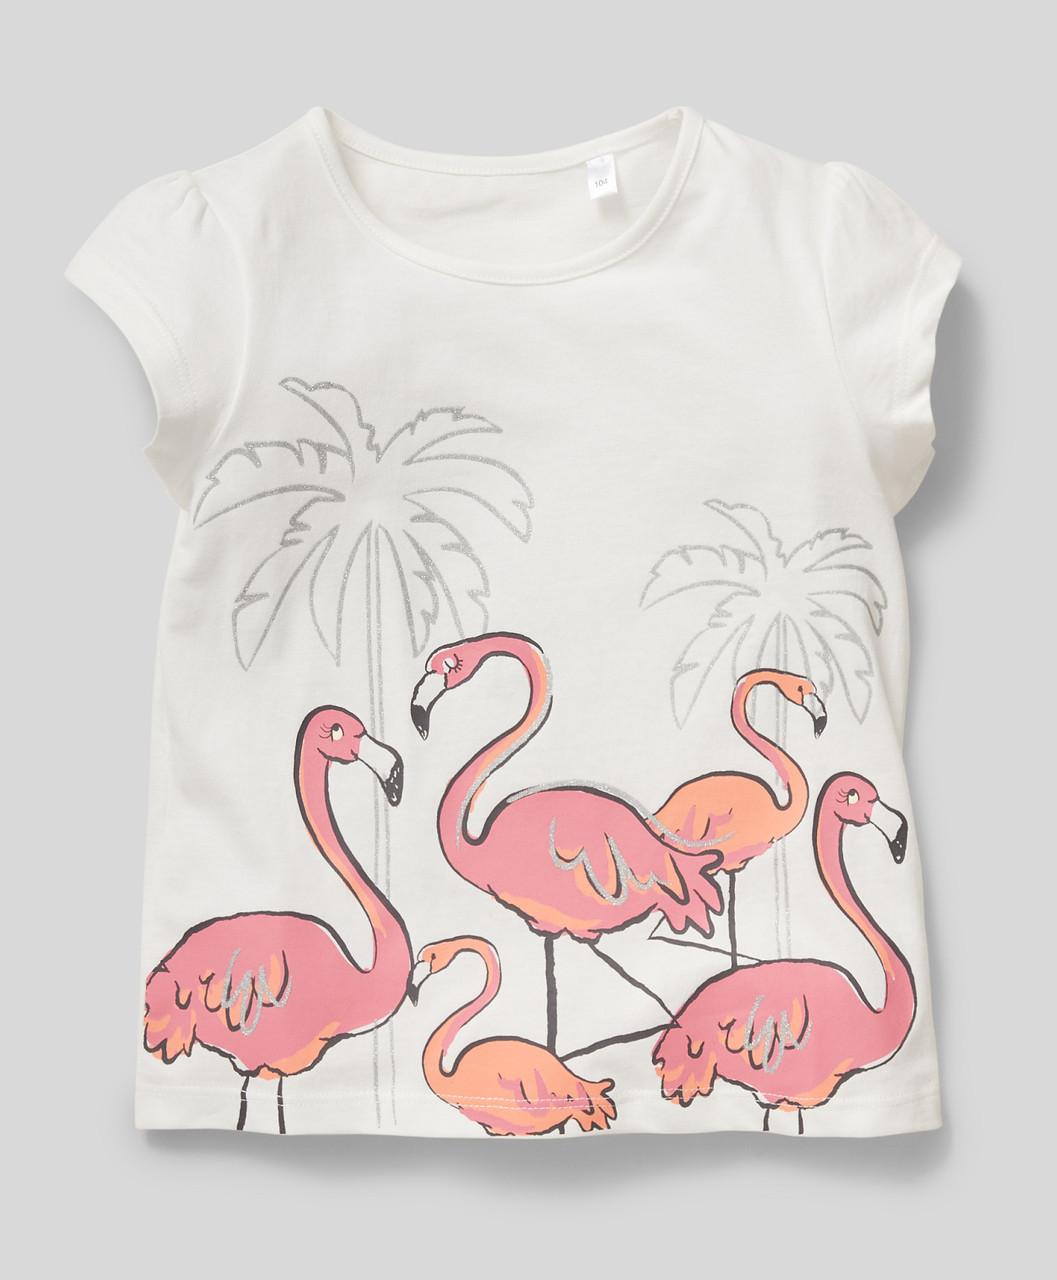 Белая футболка с принтом на девочку C&A Германия Размер 116